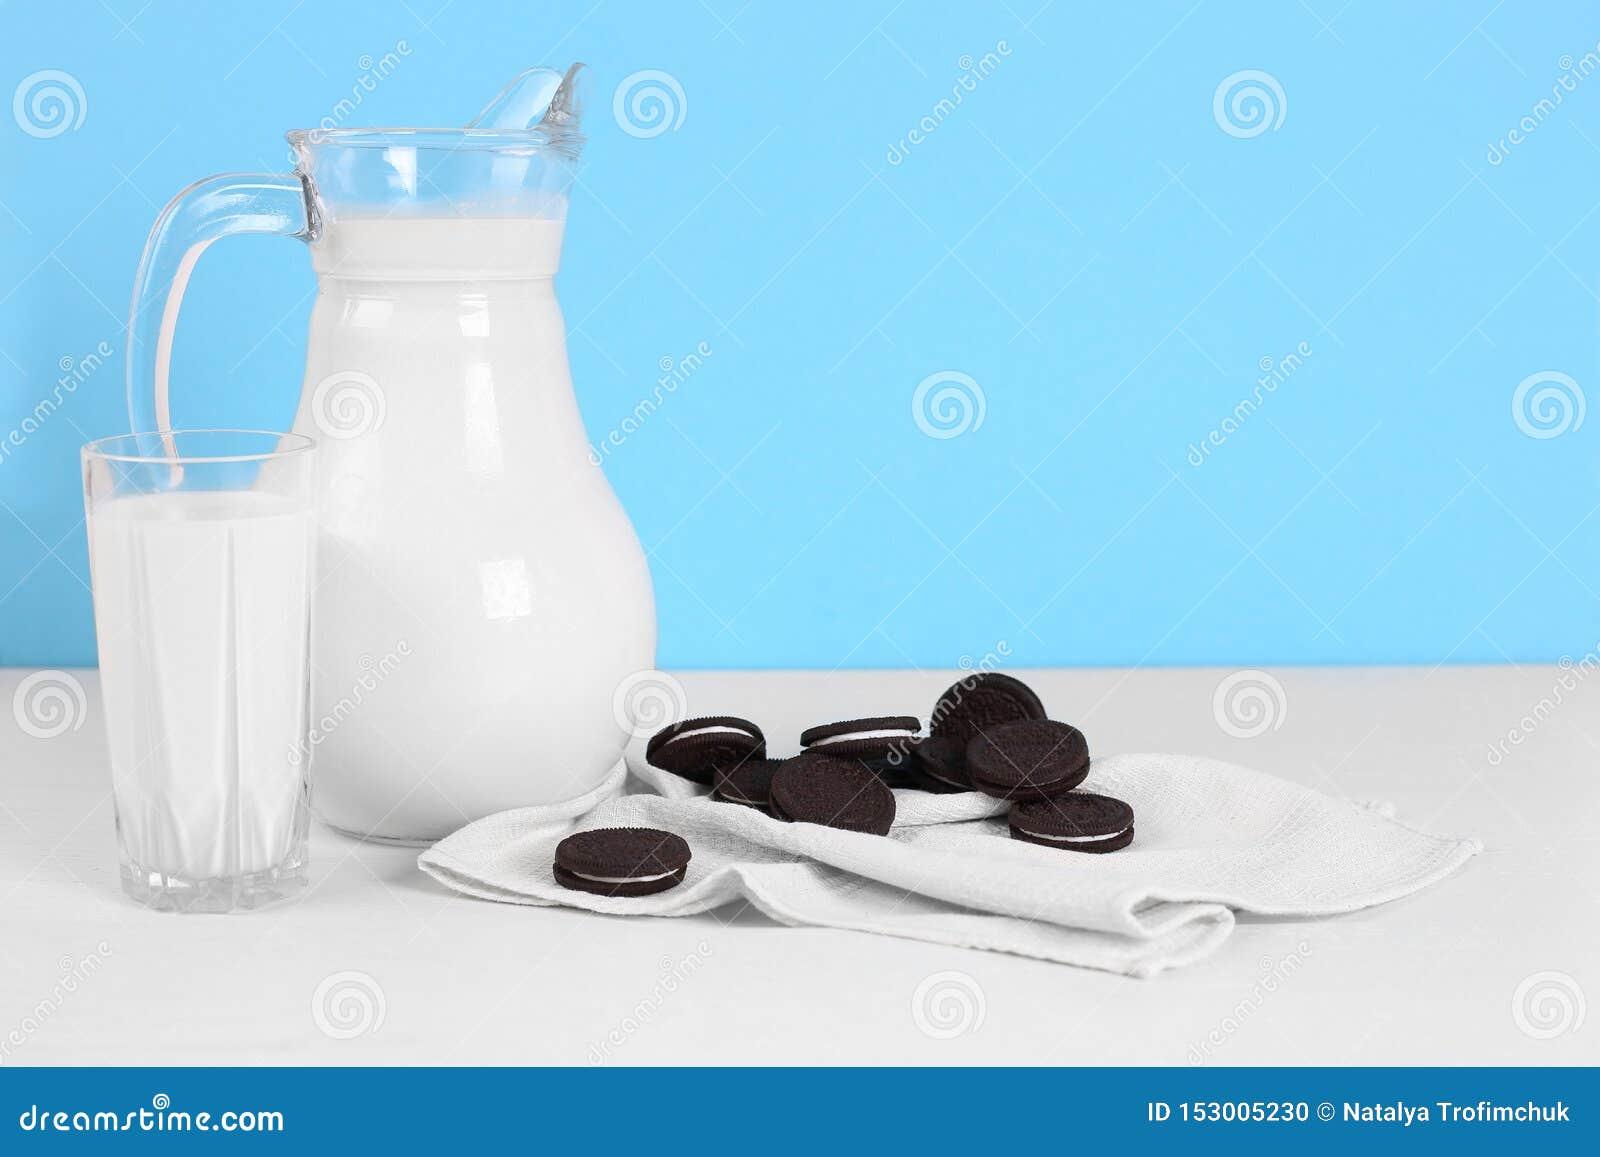 Ein Pitcher Milch und Glas Milch mit Plätzchen auf einem Holztisch auf einem blauen Hintergrund